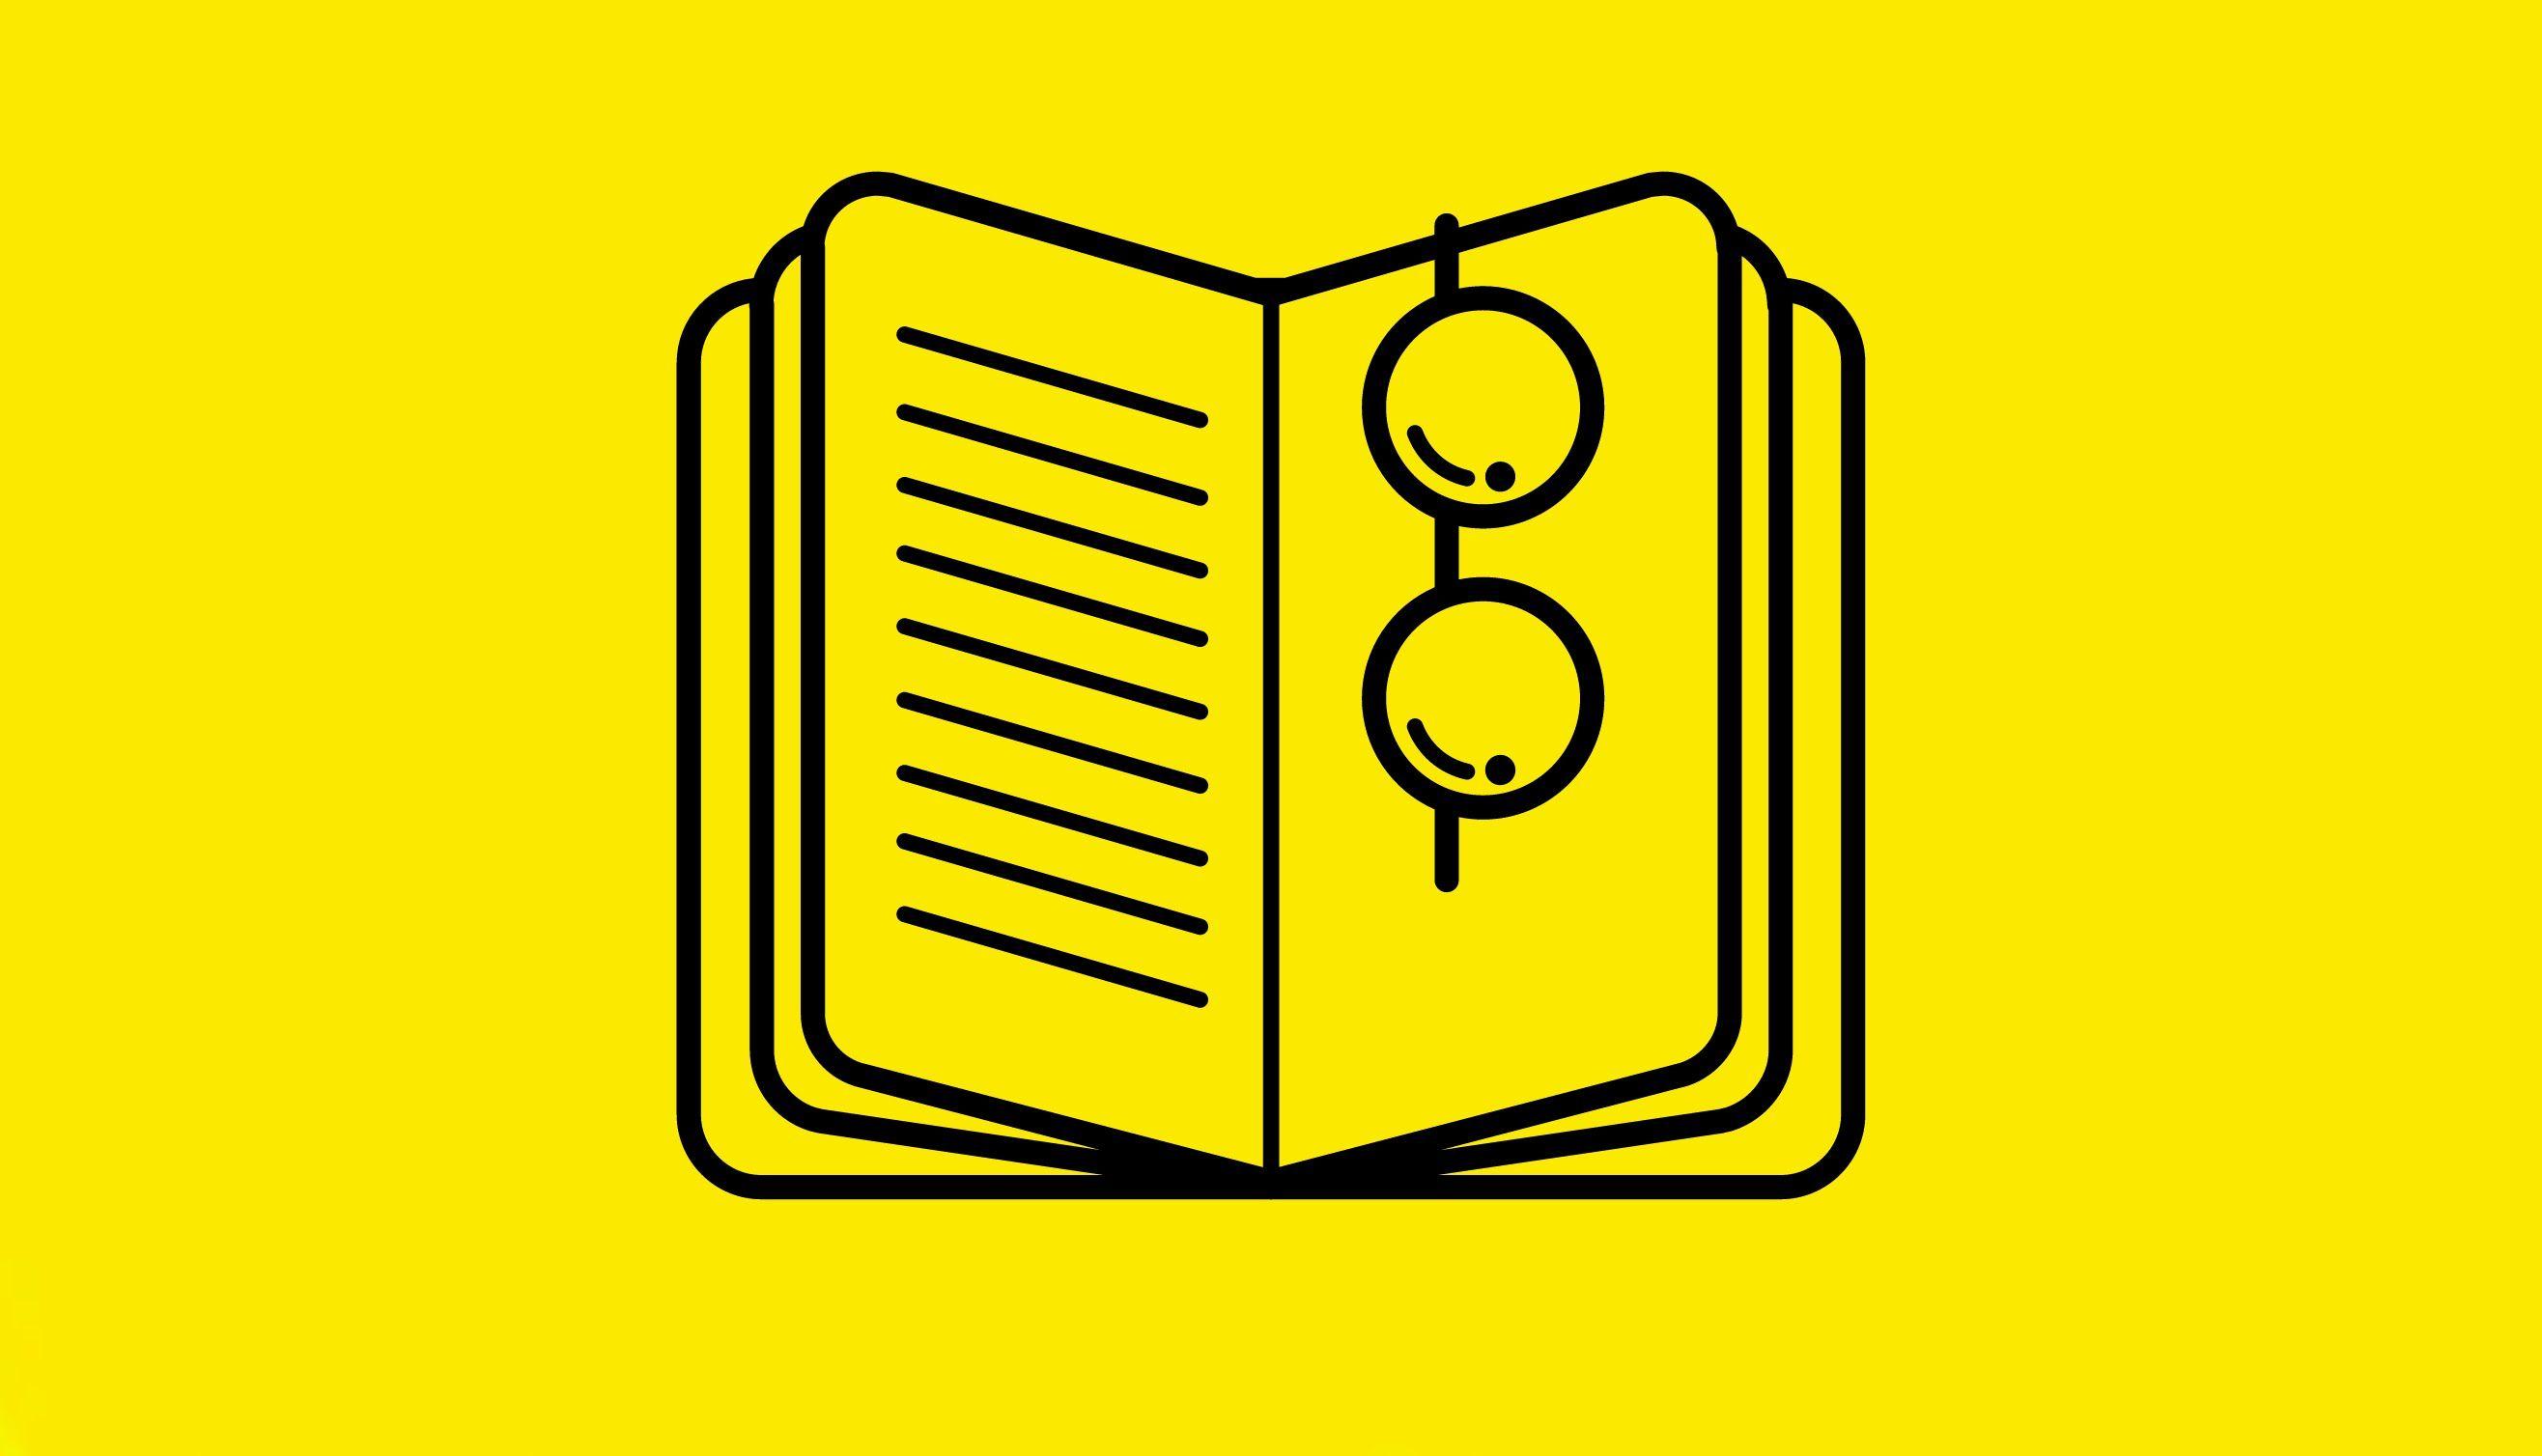 CURSO SUPERLECTOR: http://ift.tt/1Wh2iIW  CURSO COMPLETO PASOS DEL ÉXITO: http://eugeoller.com/  Snapchat: Euge Oller  Página web: http://eugeoller.com/  Instagram:http://ift.tt/1R6VKLx  Twitter: https://twitter.com/TechEuge  Facebook: http://ift.tt/1ThiGsS...